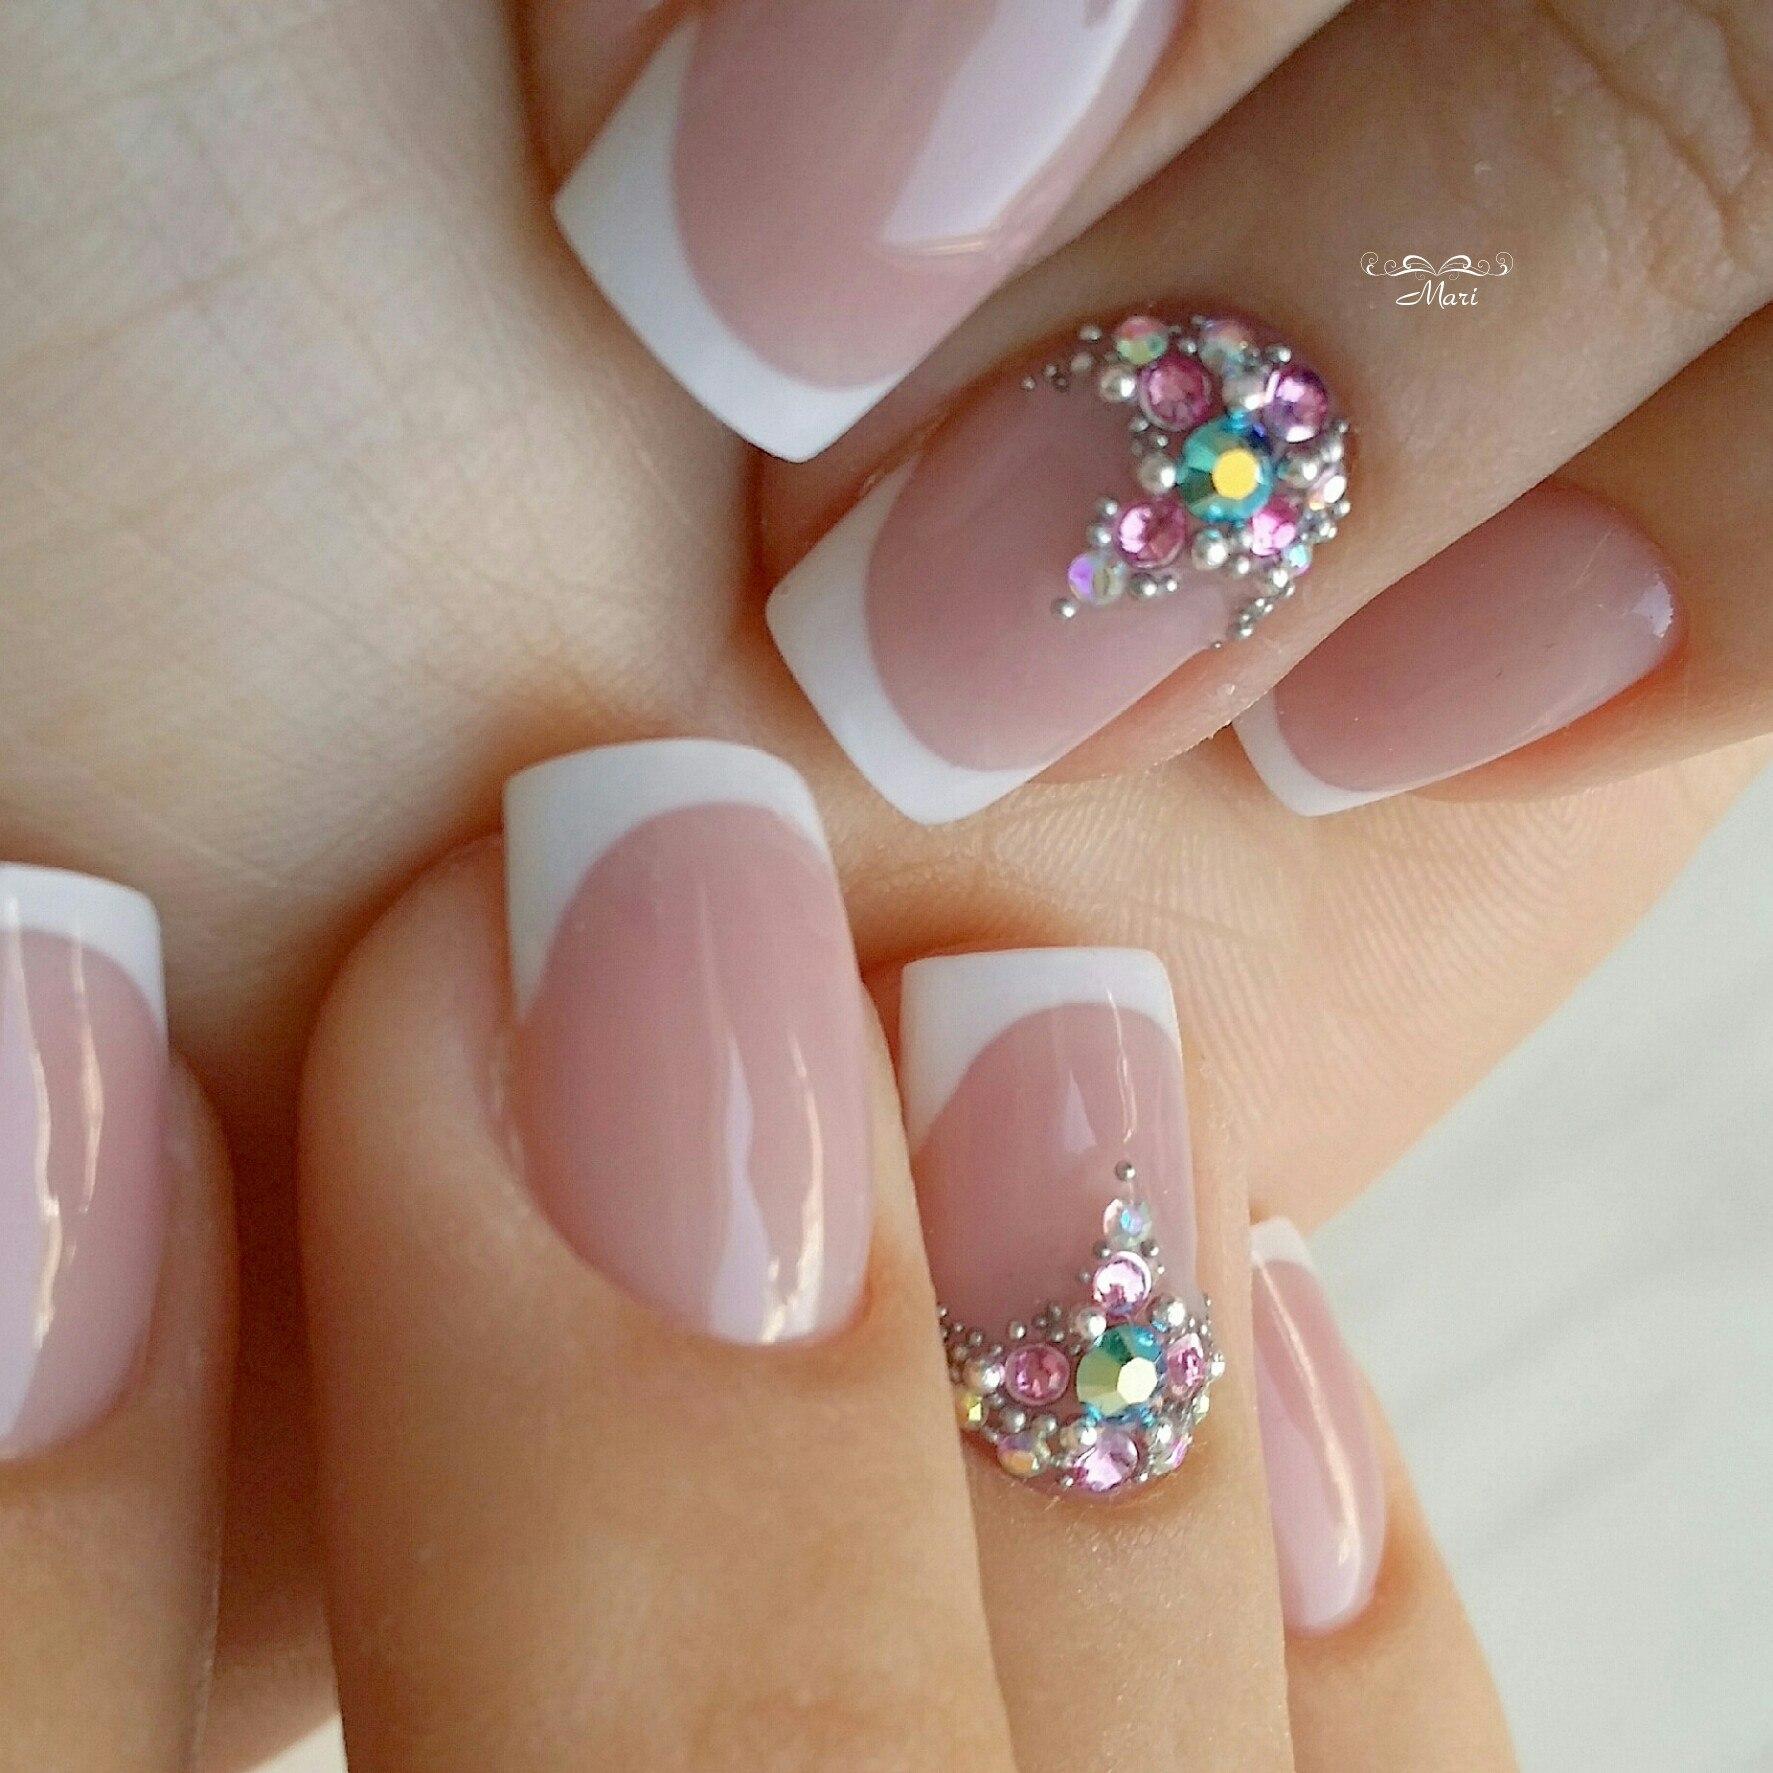 Квадратные ногти: как сделать красивый маникюр | 1773x1773